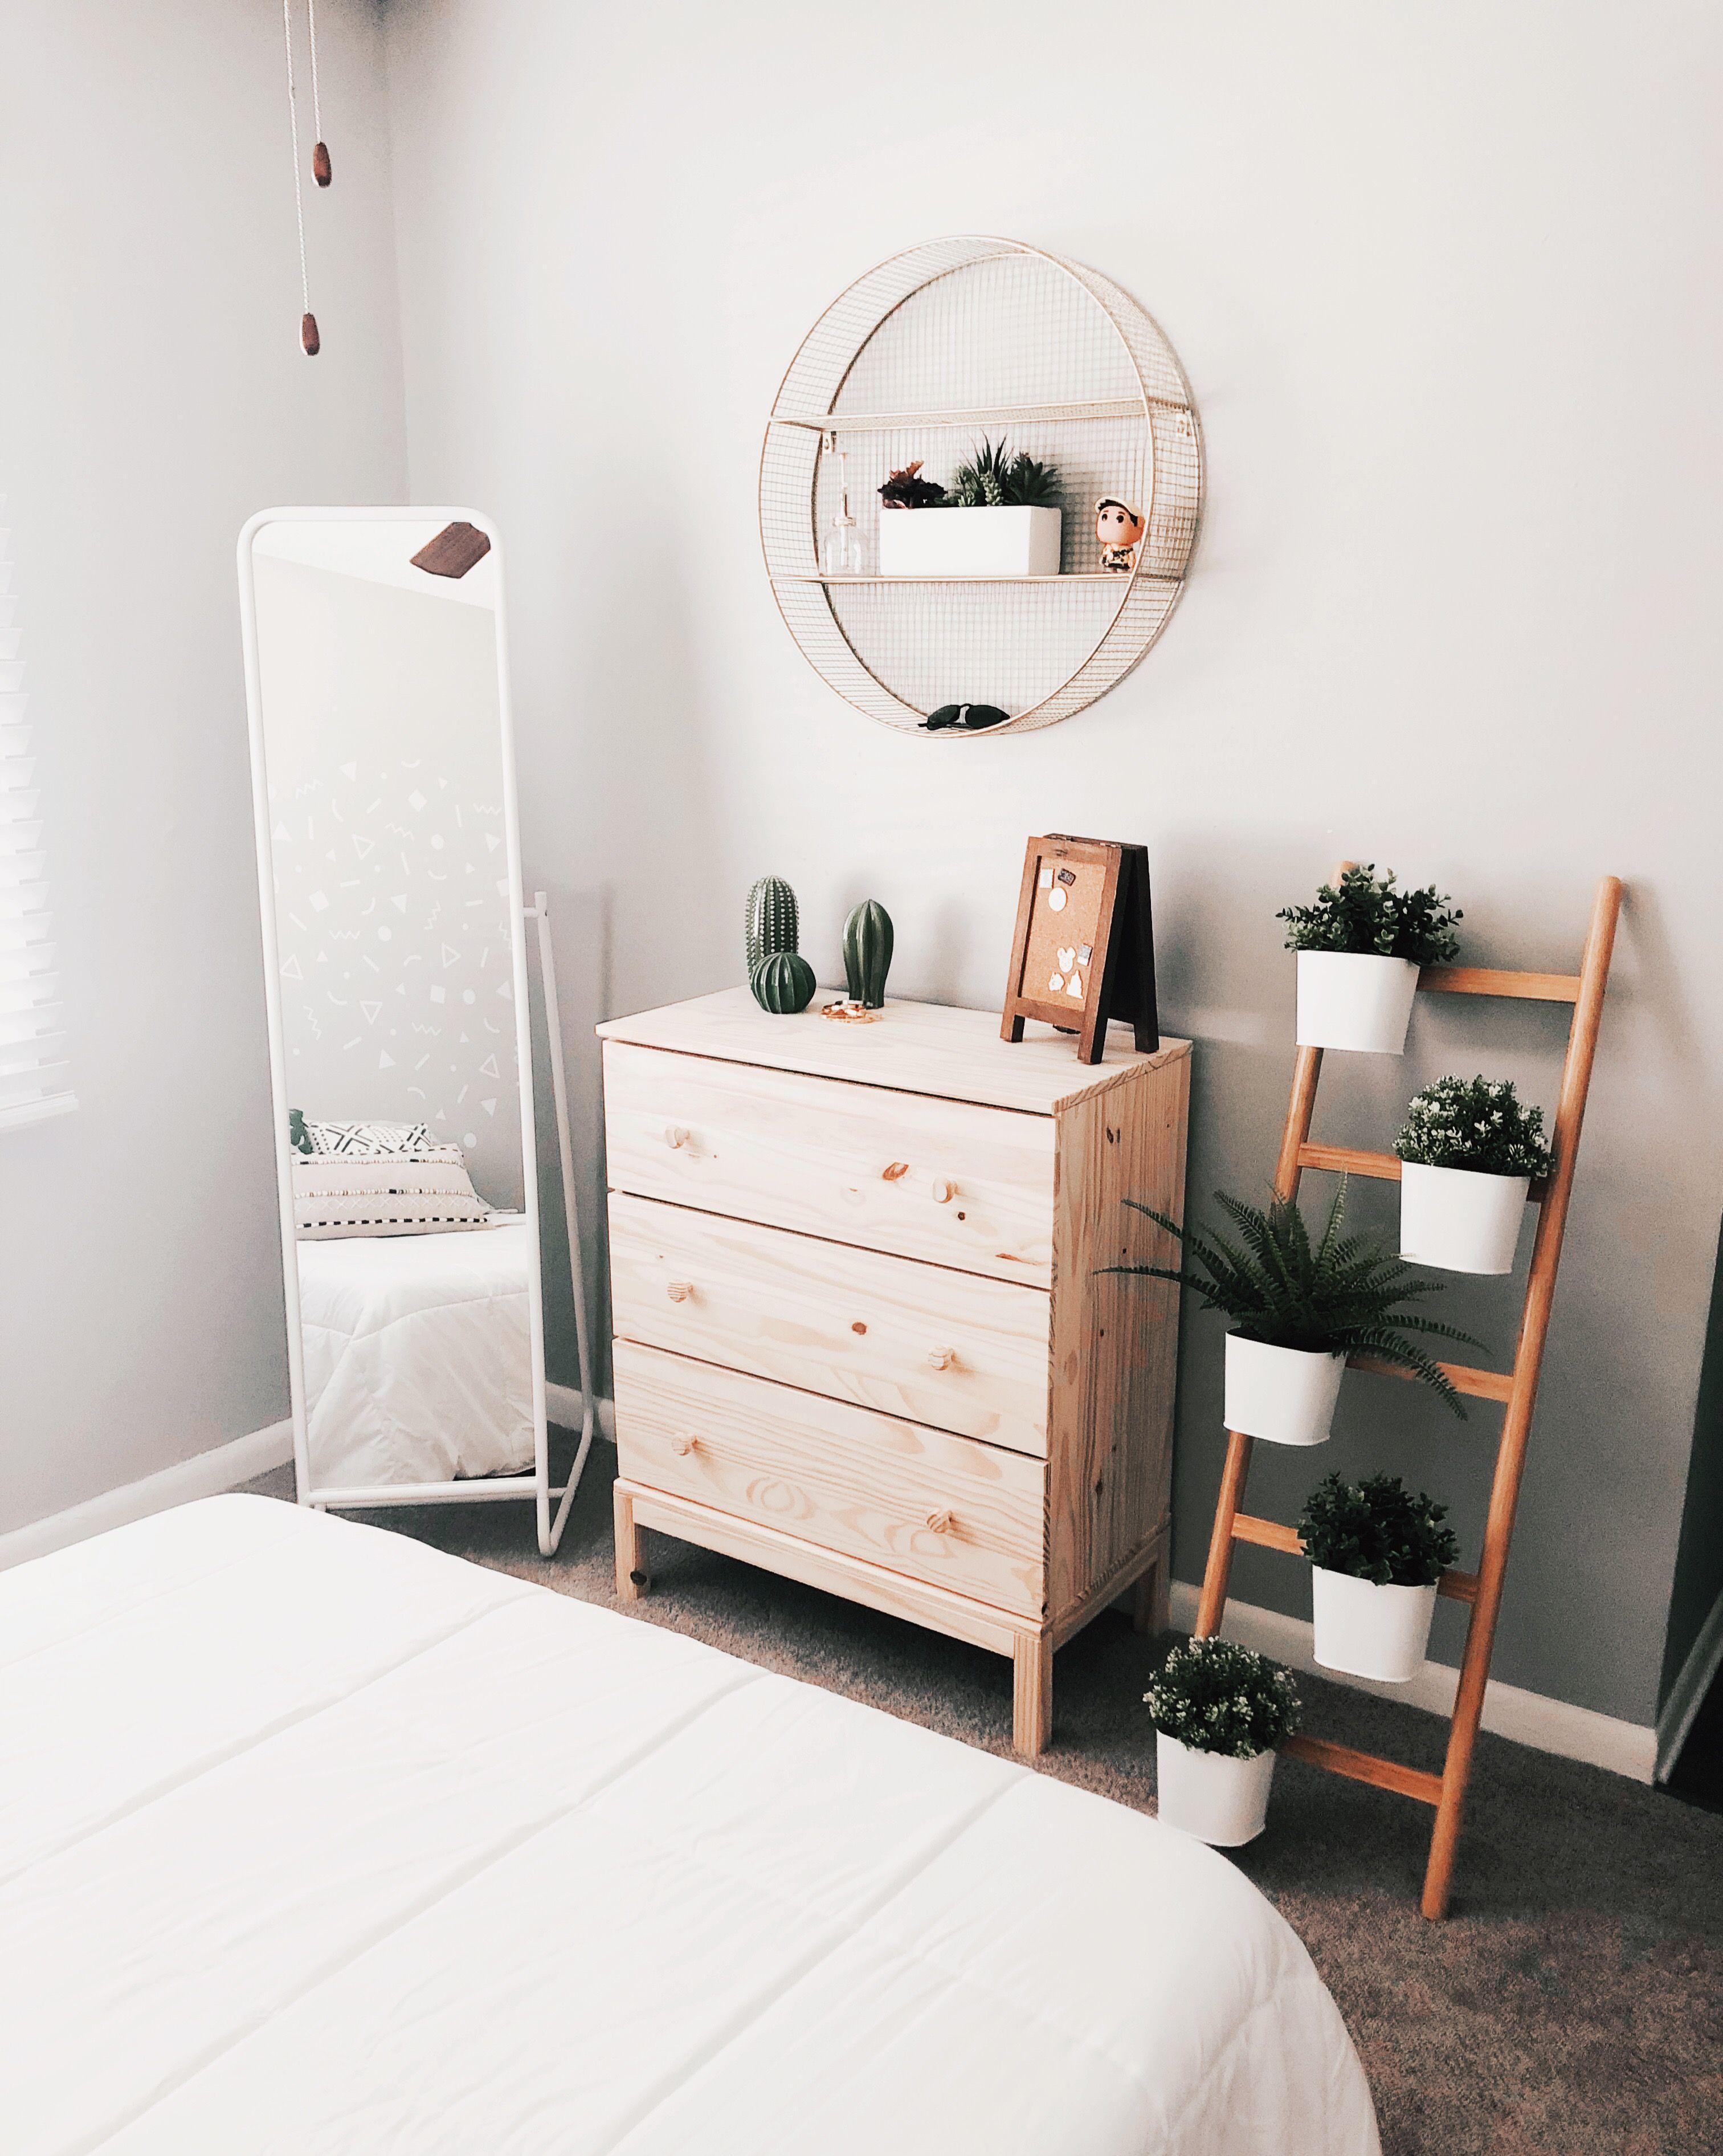 Pin de @jambojoe em aesthetic | Decoração de quarto on Room Decor Ideas De Cuartos Aesthetic id=88542